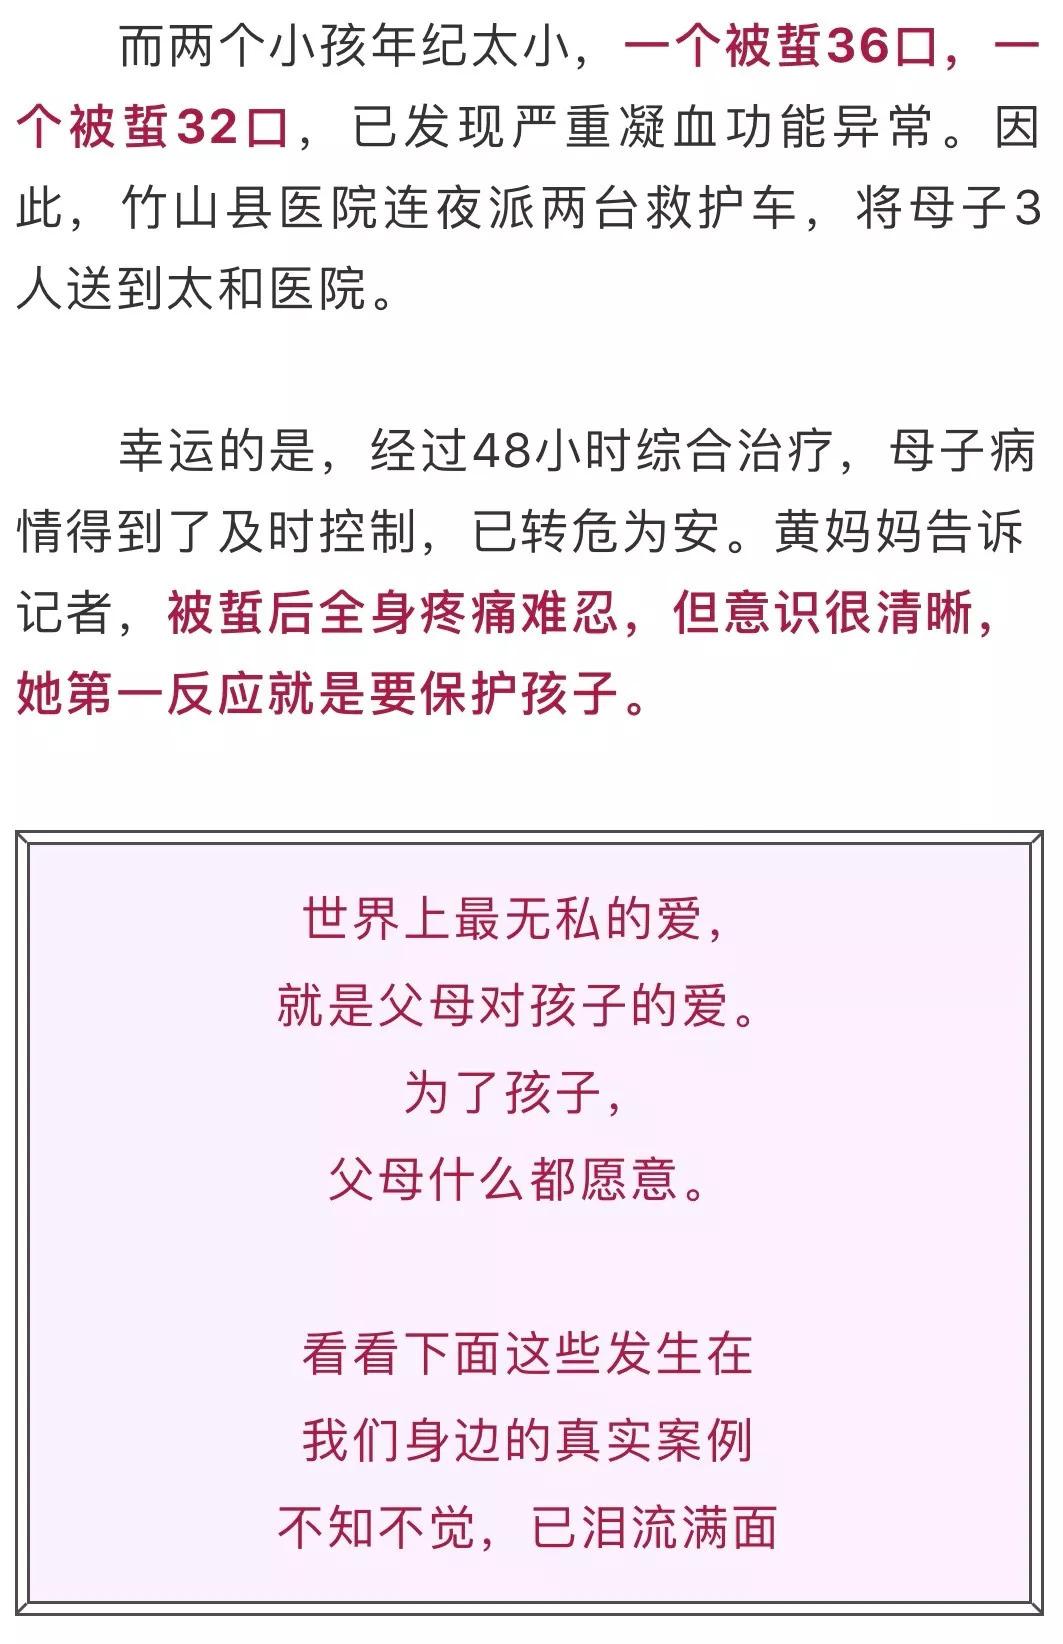 美高梅手机登录网站 3